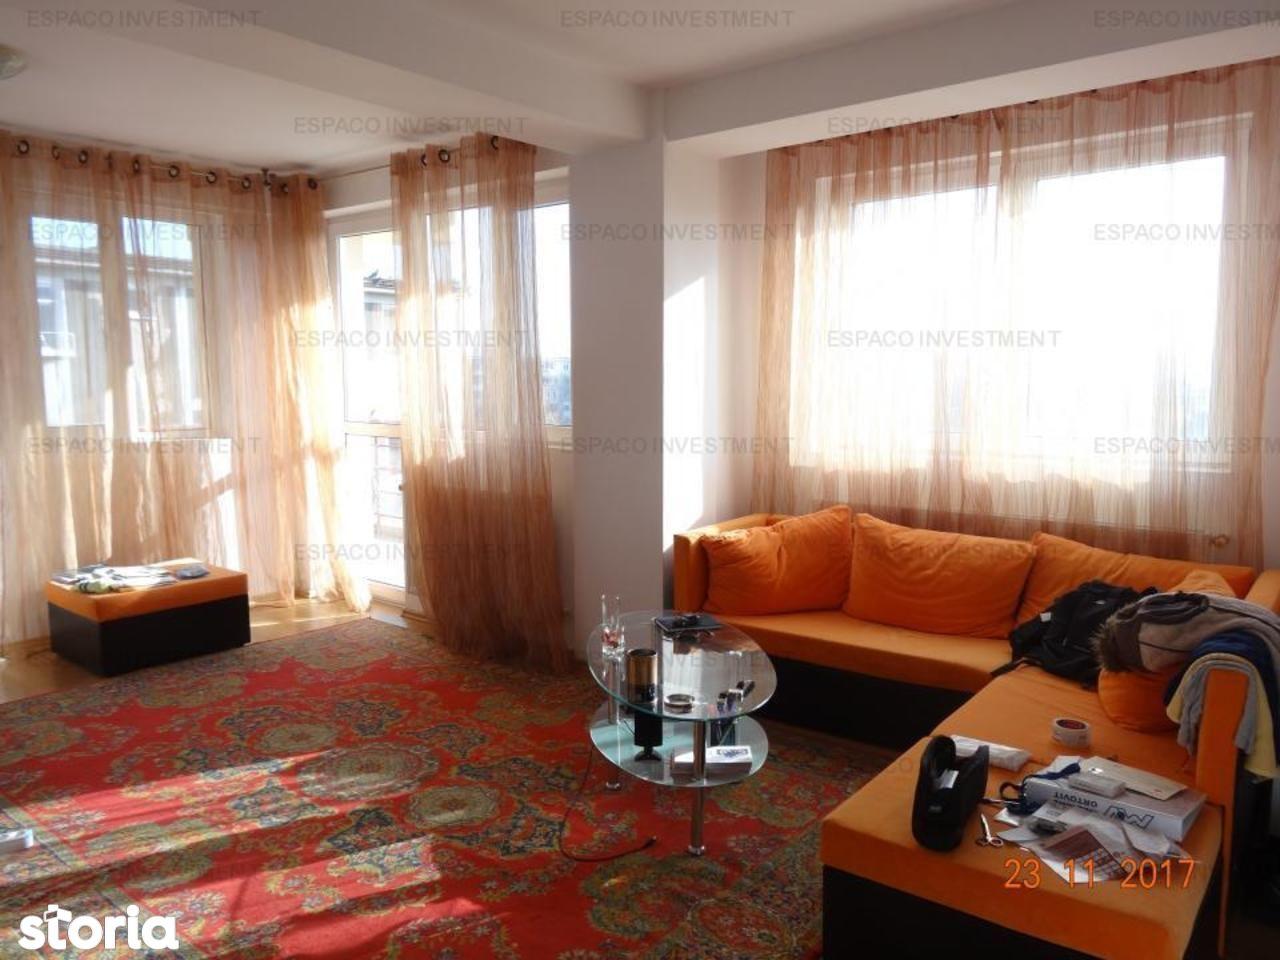 Apartament de vanzare, București (judet), Aleea Bistricioara - Foto 11